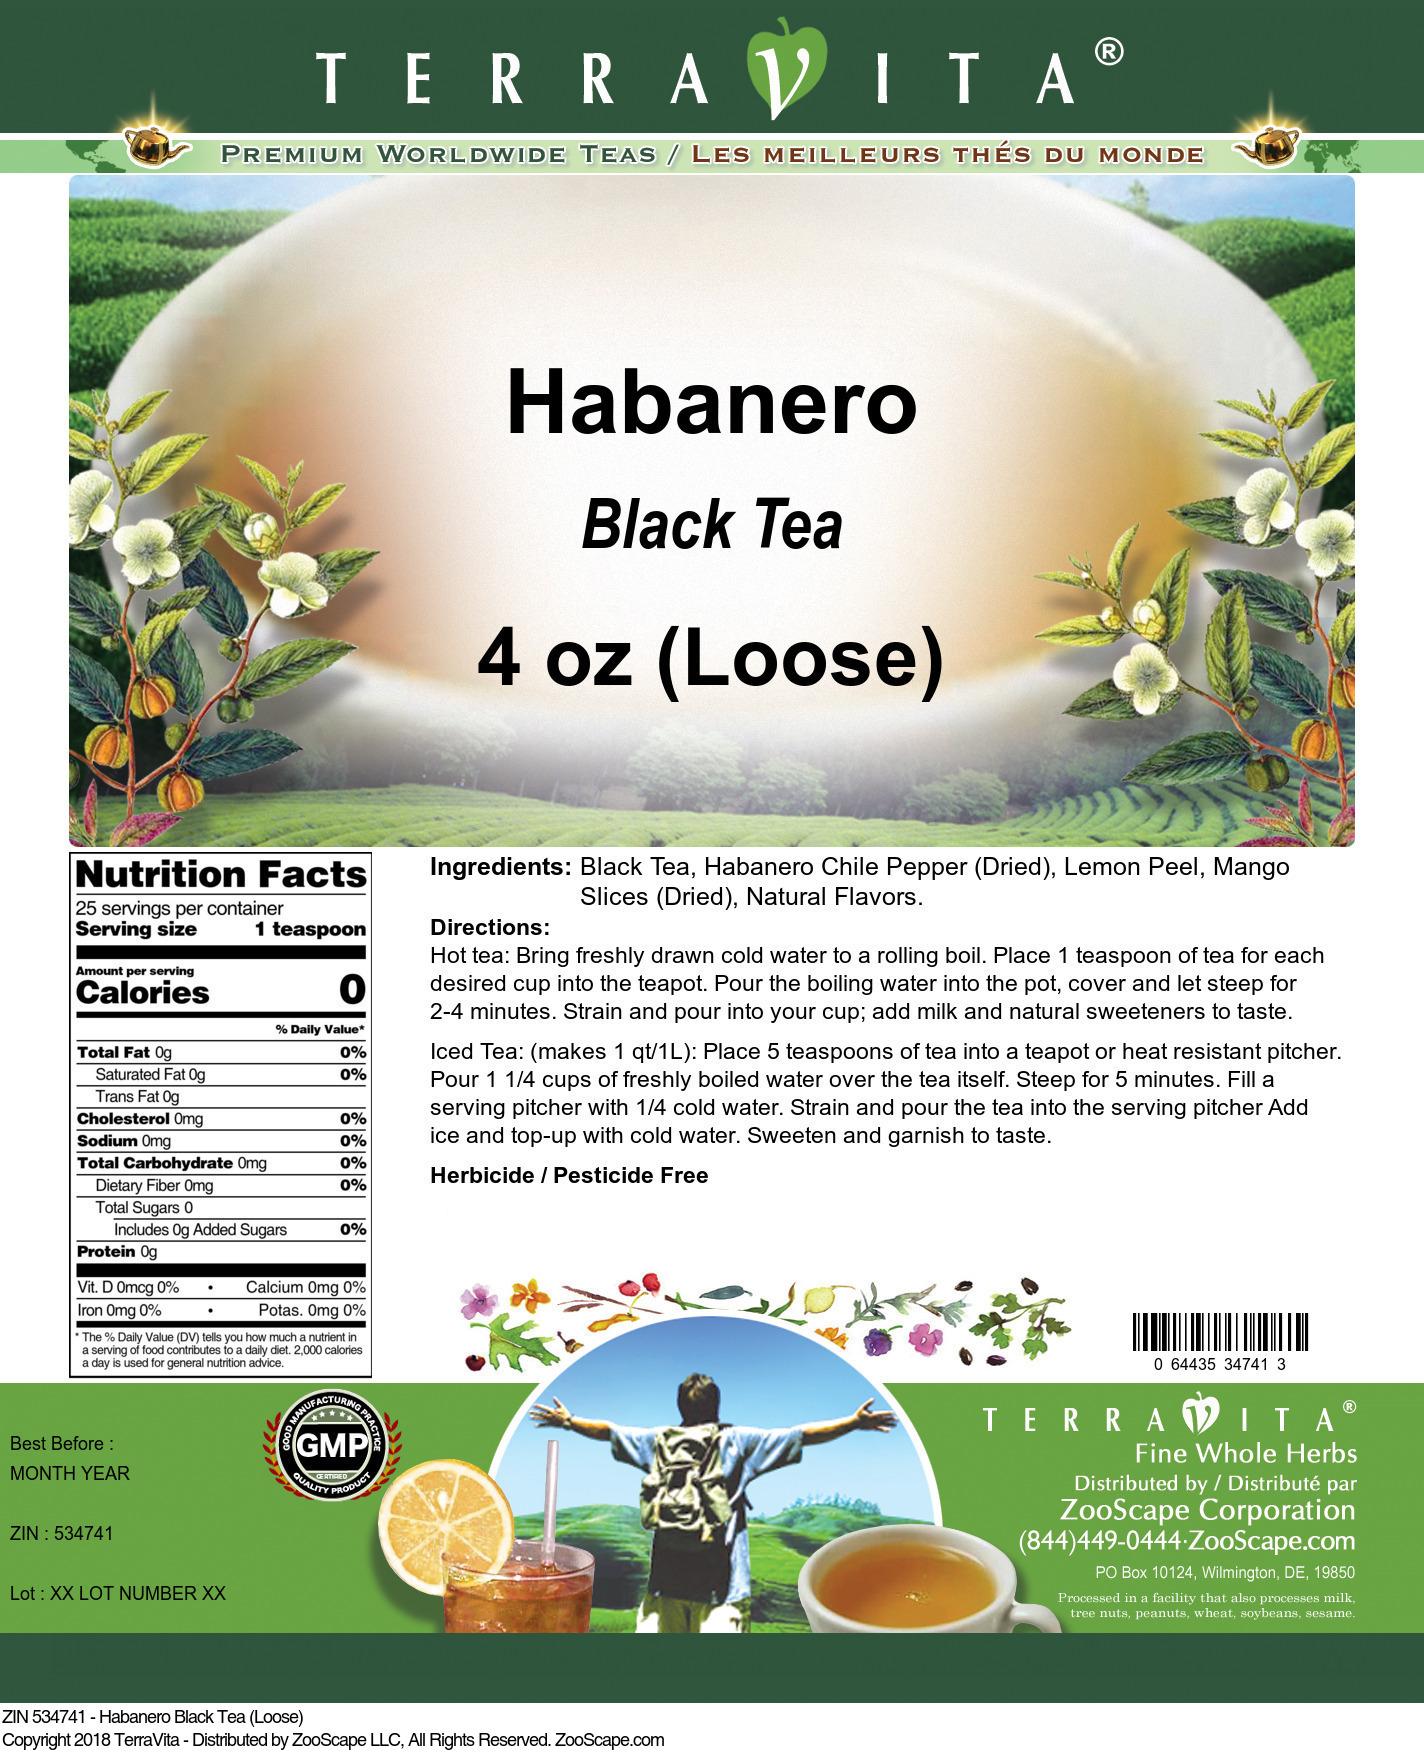 Habanero Black Tea